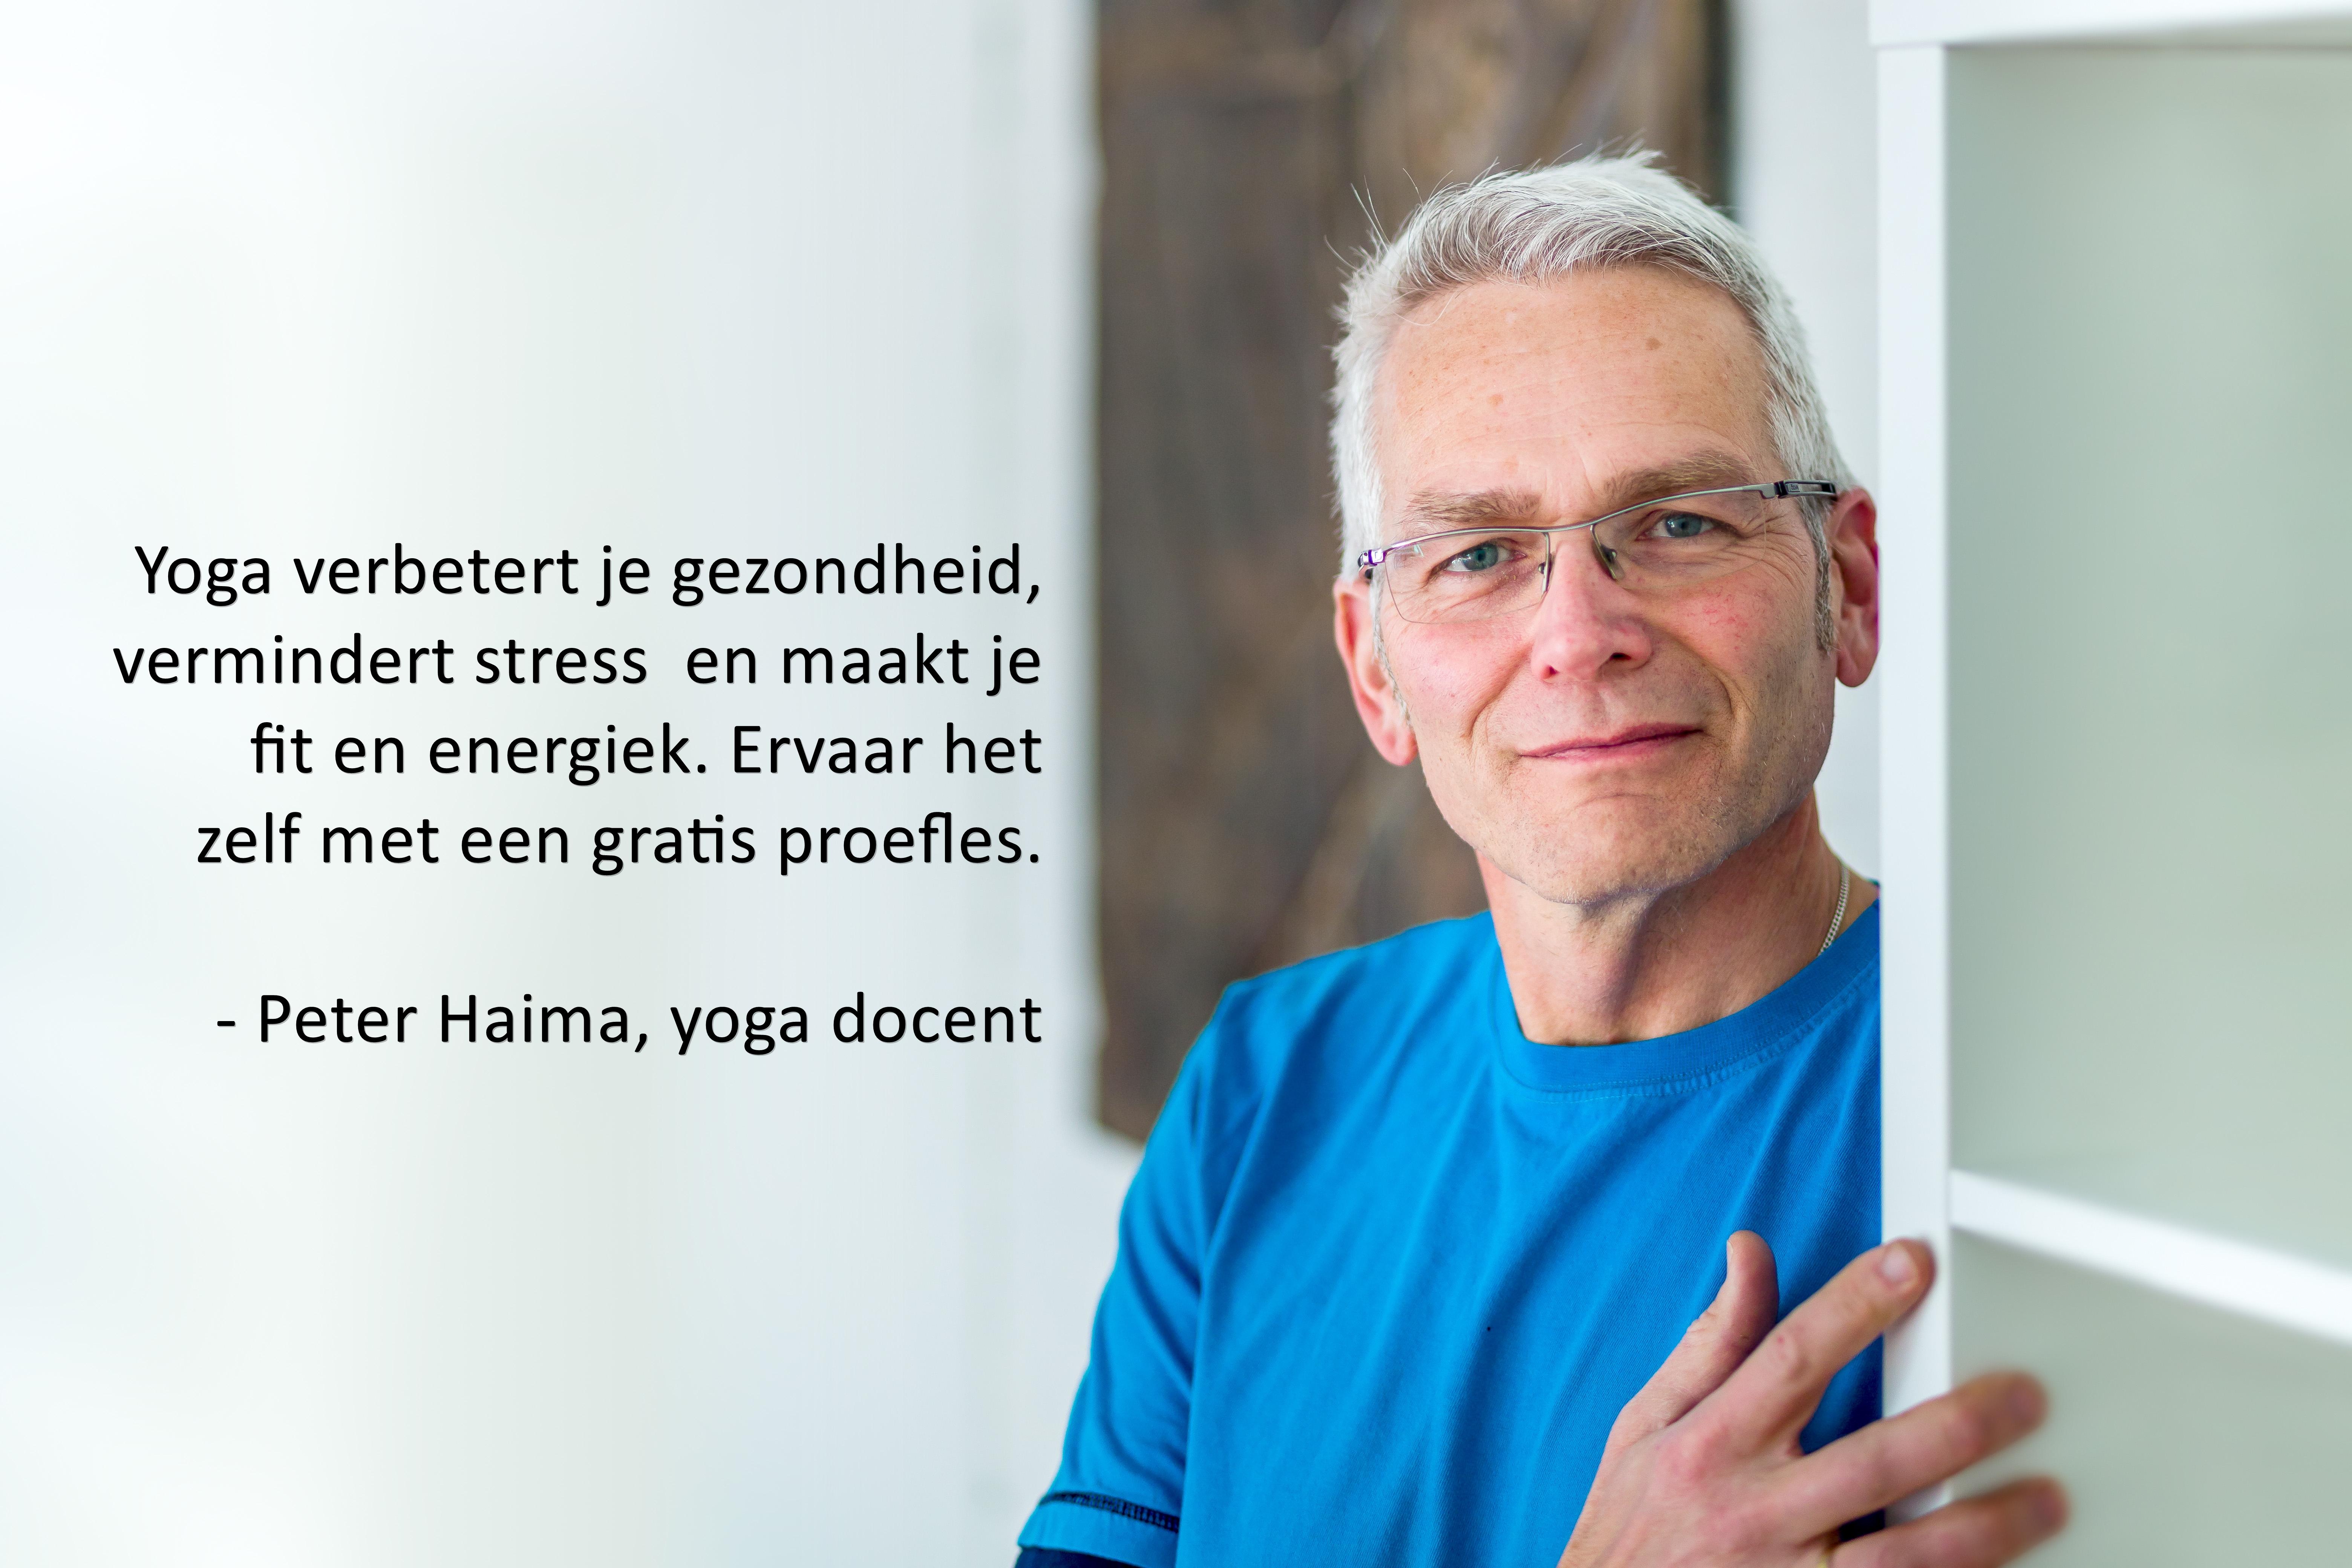 Gezond, fit en ontspannen met de nieuwe cursussen van Life Force Yoga